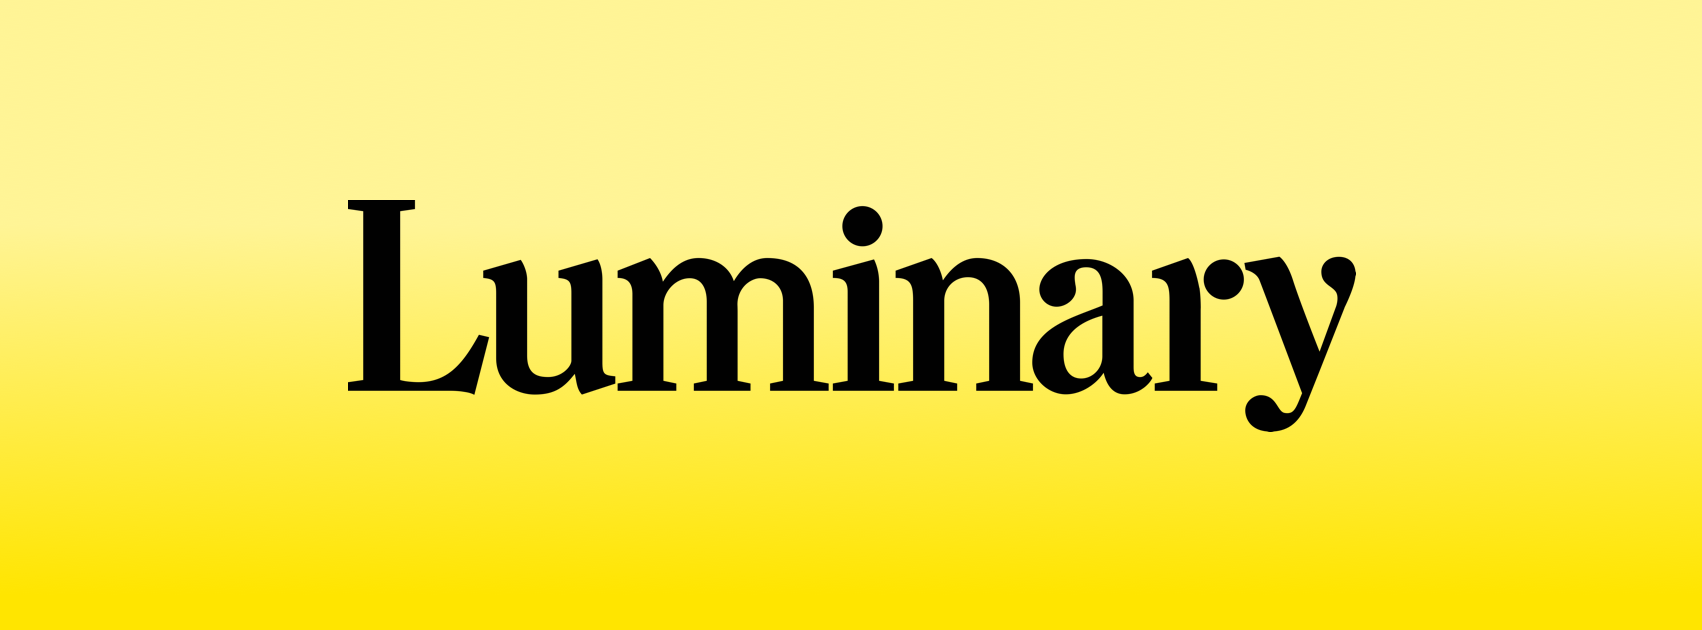 Luninary